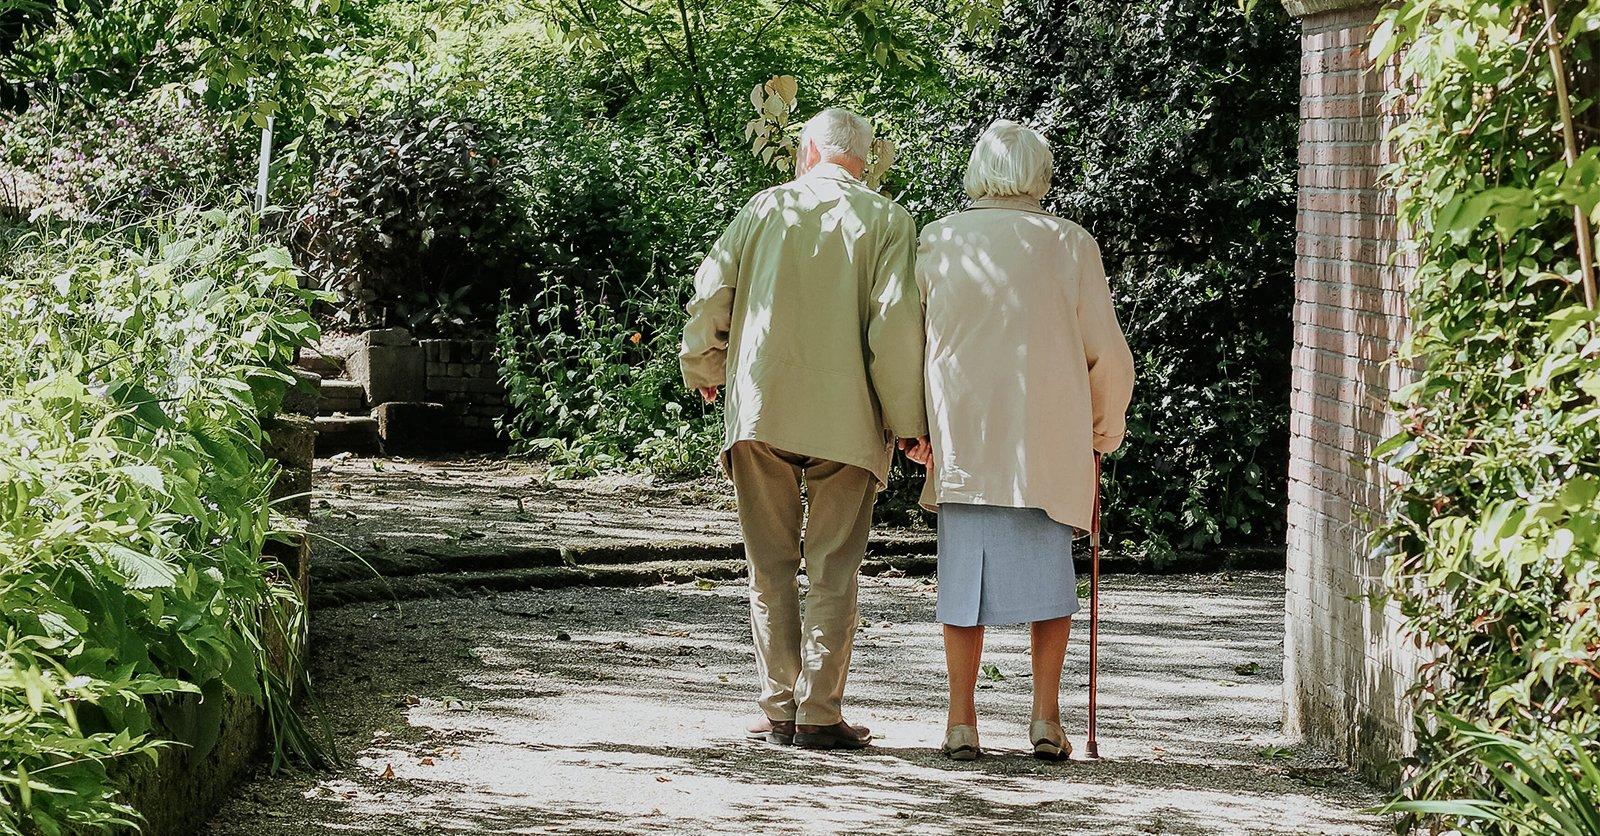 Older couple walking on sidewalk